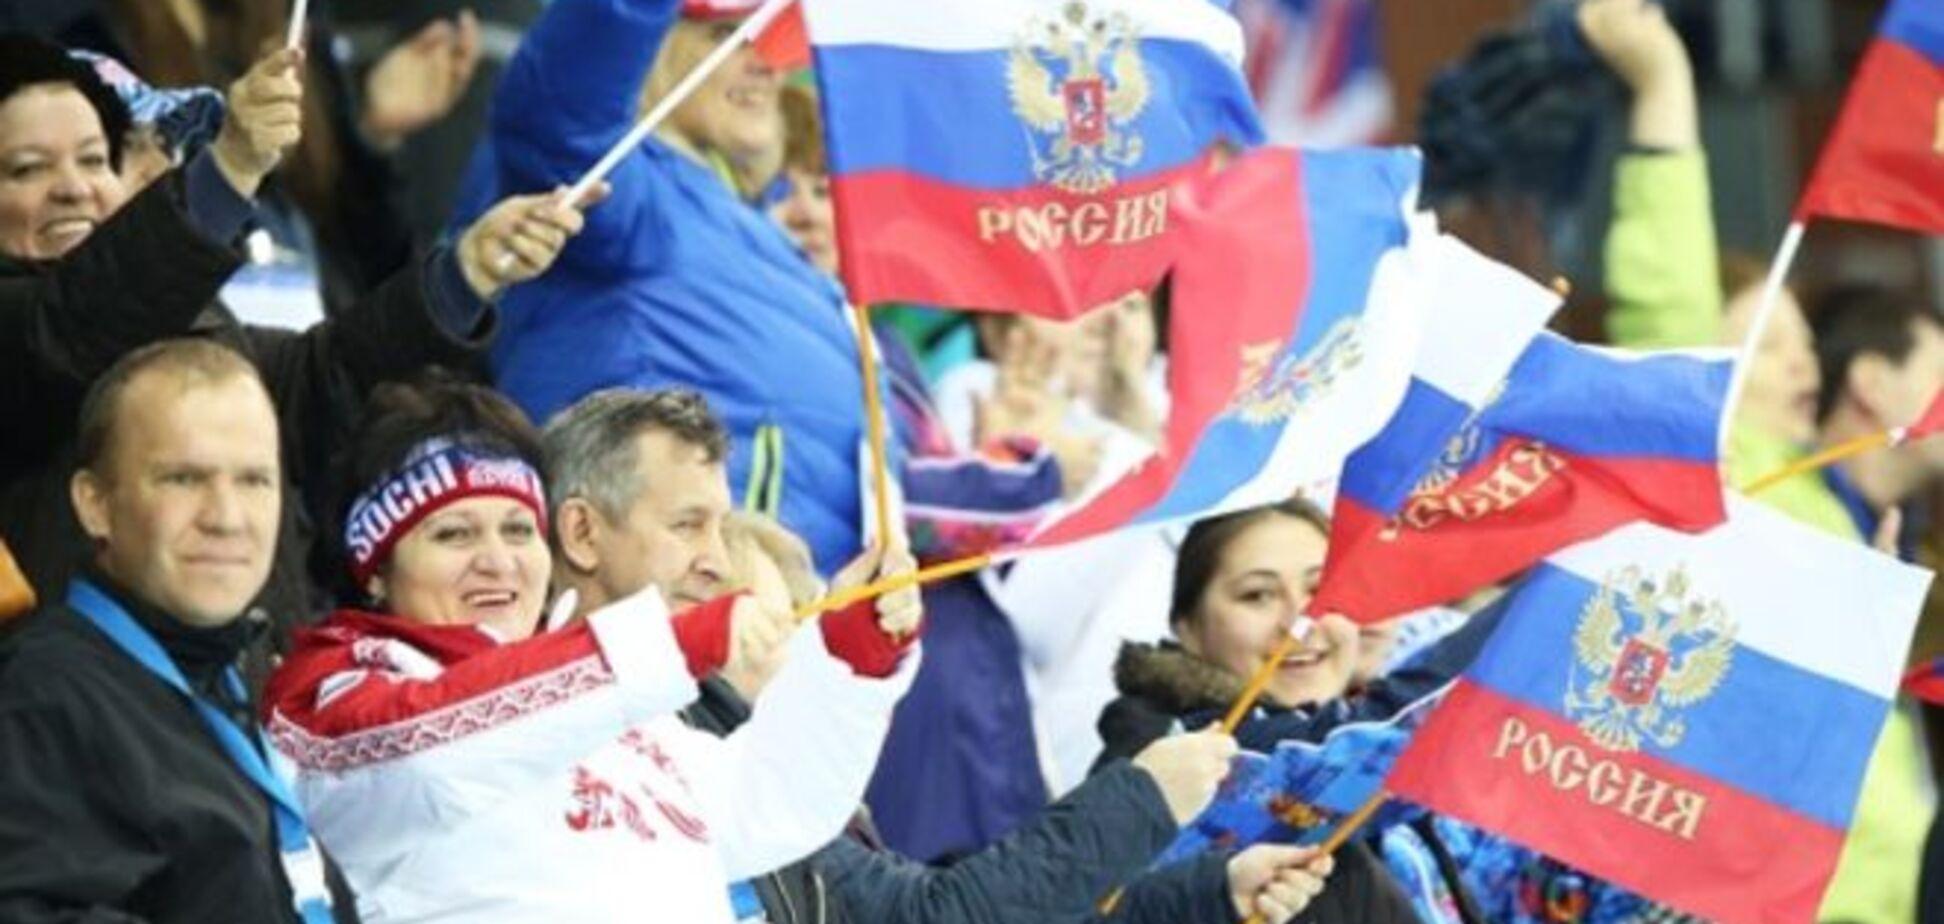 Россияне предложили отдавать санкционные продукты бедным